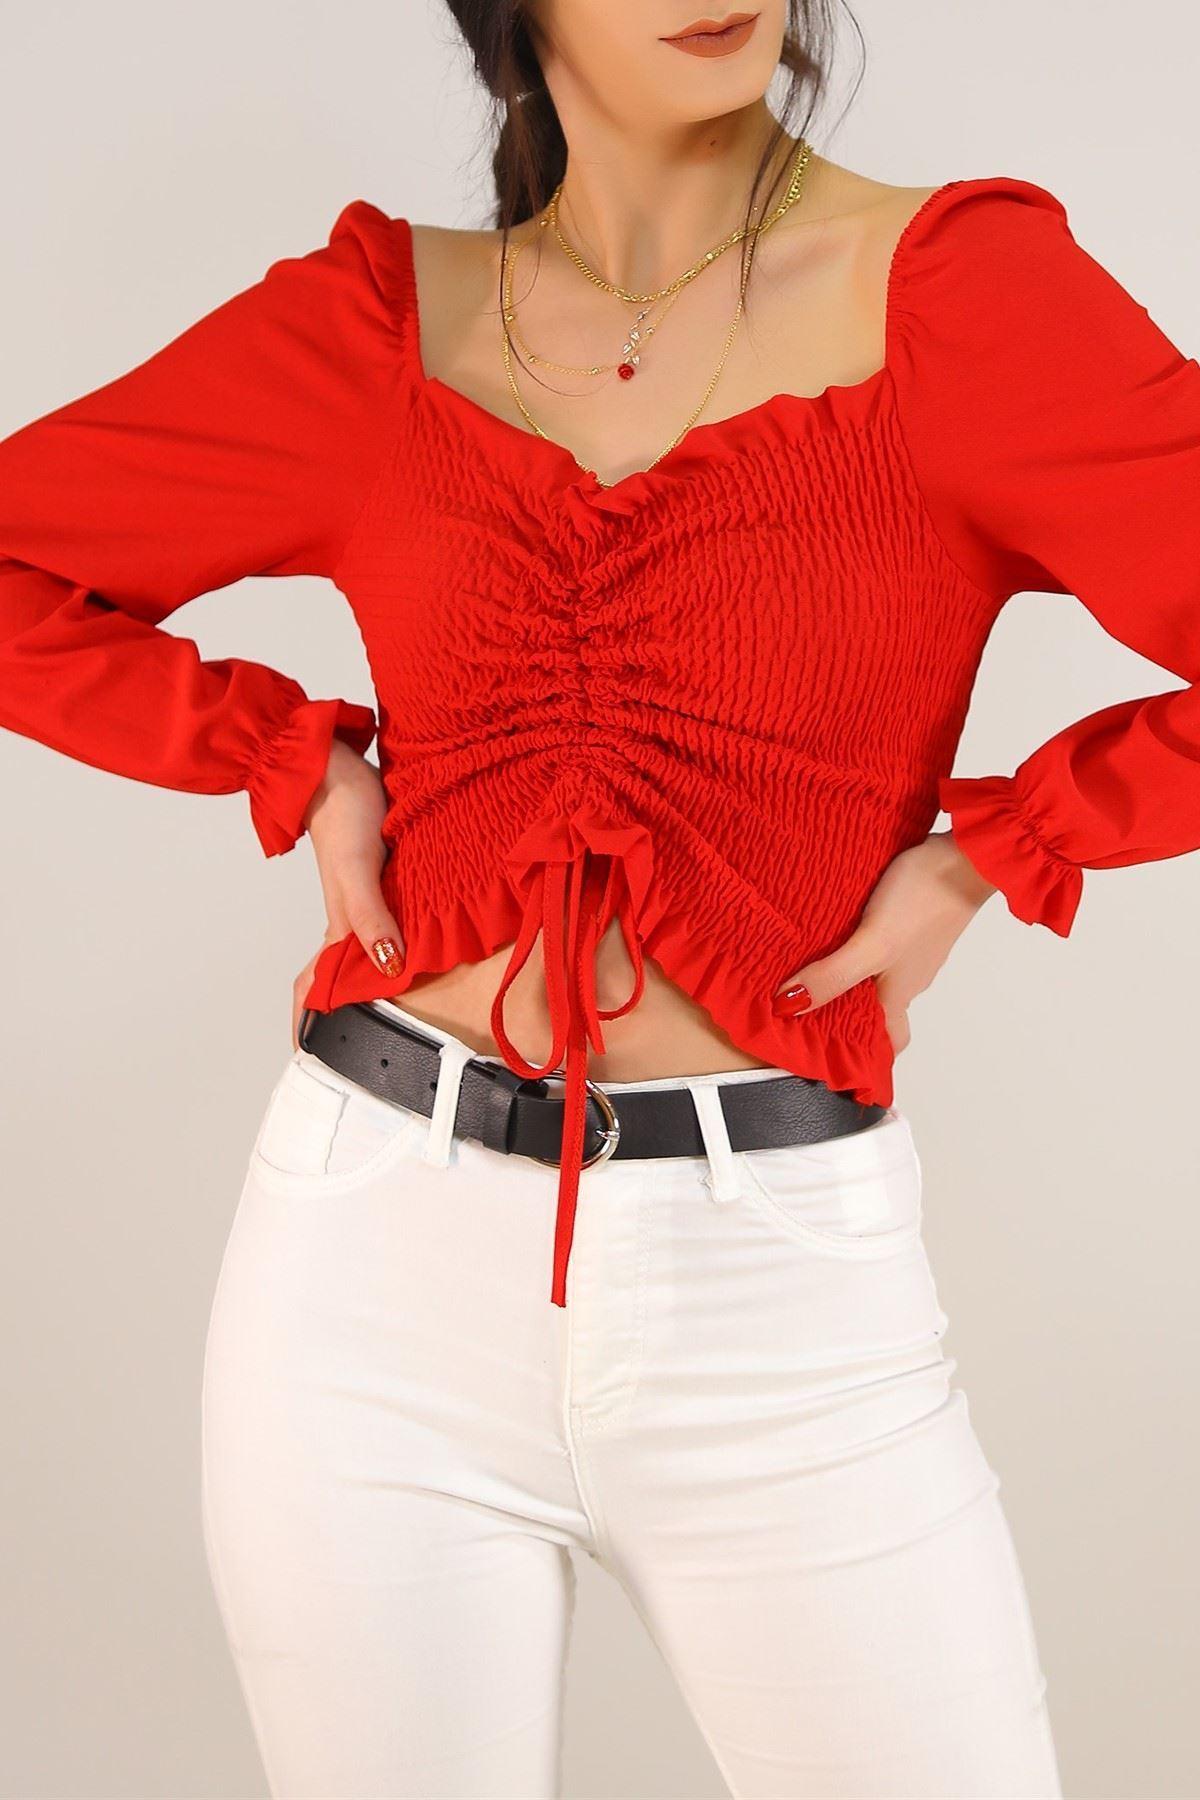 Gipeli Bluz Kırmızı - 8086.1234.